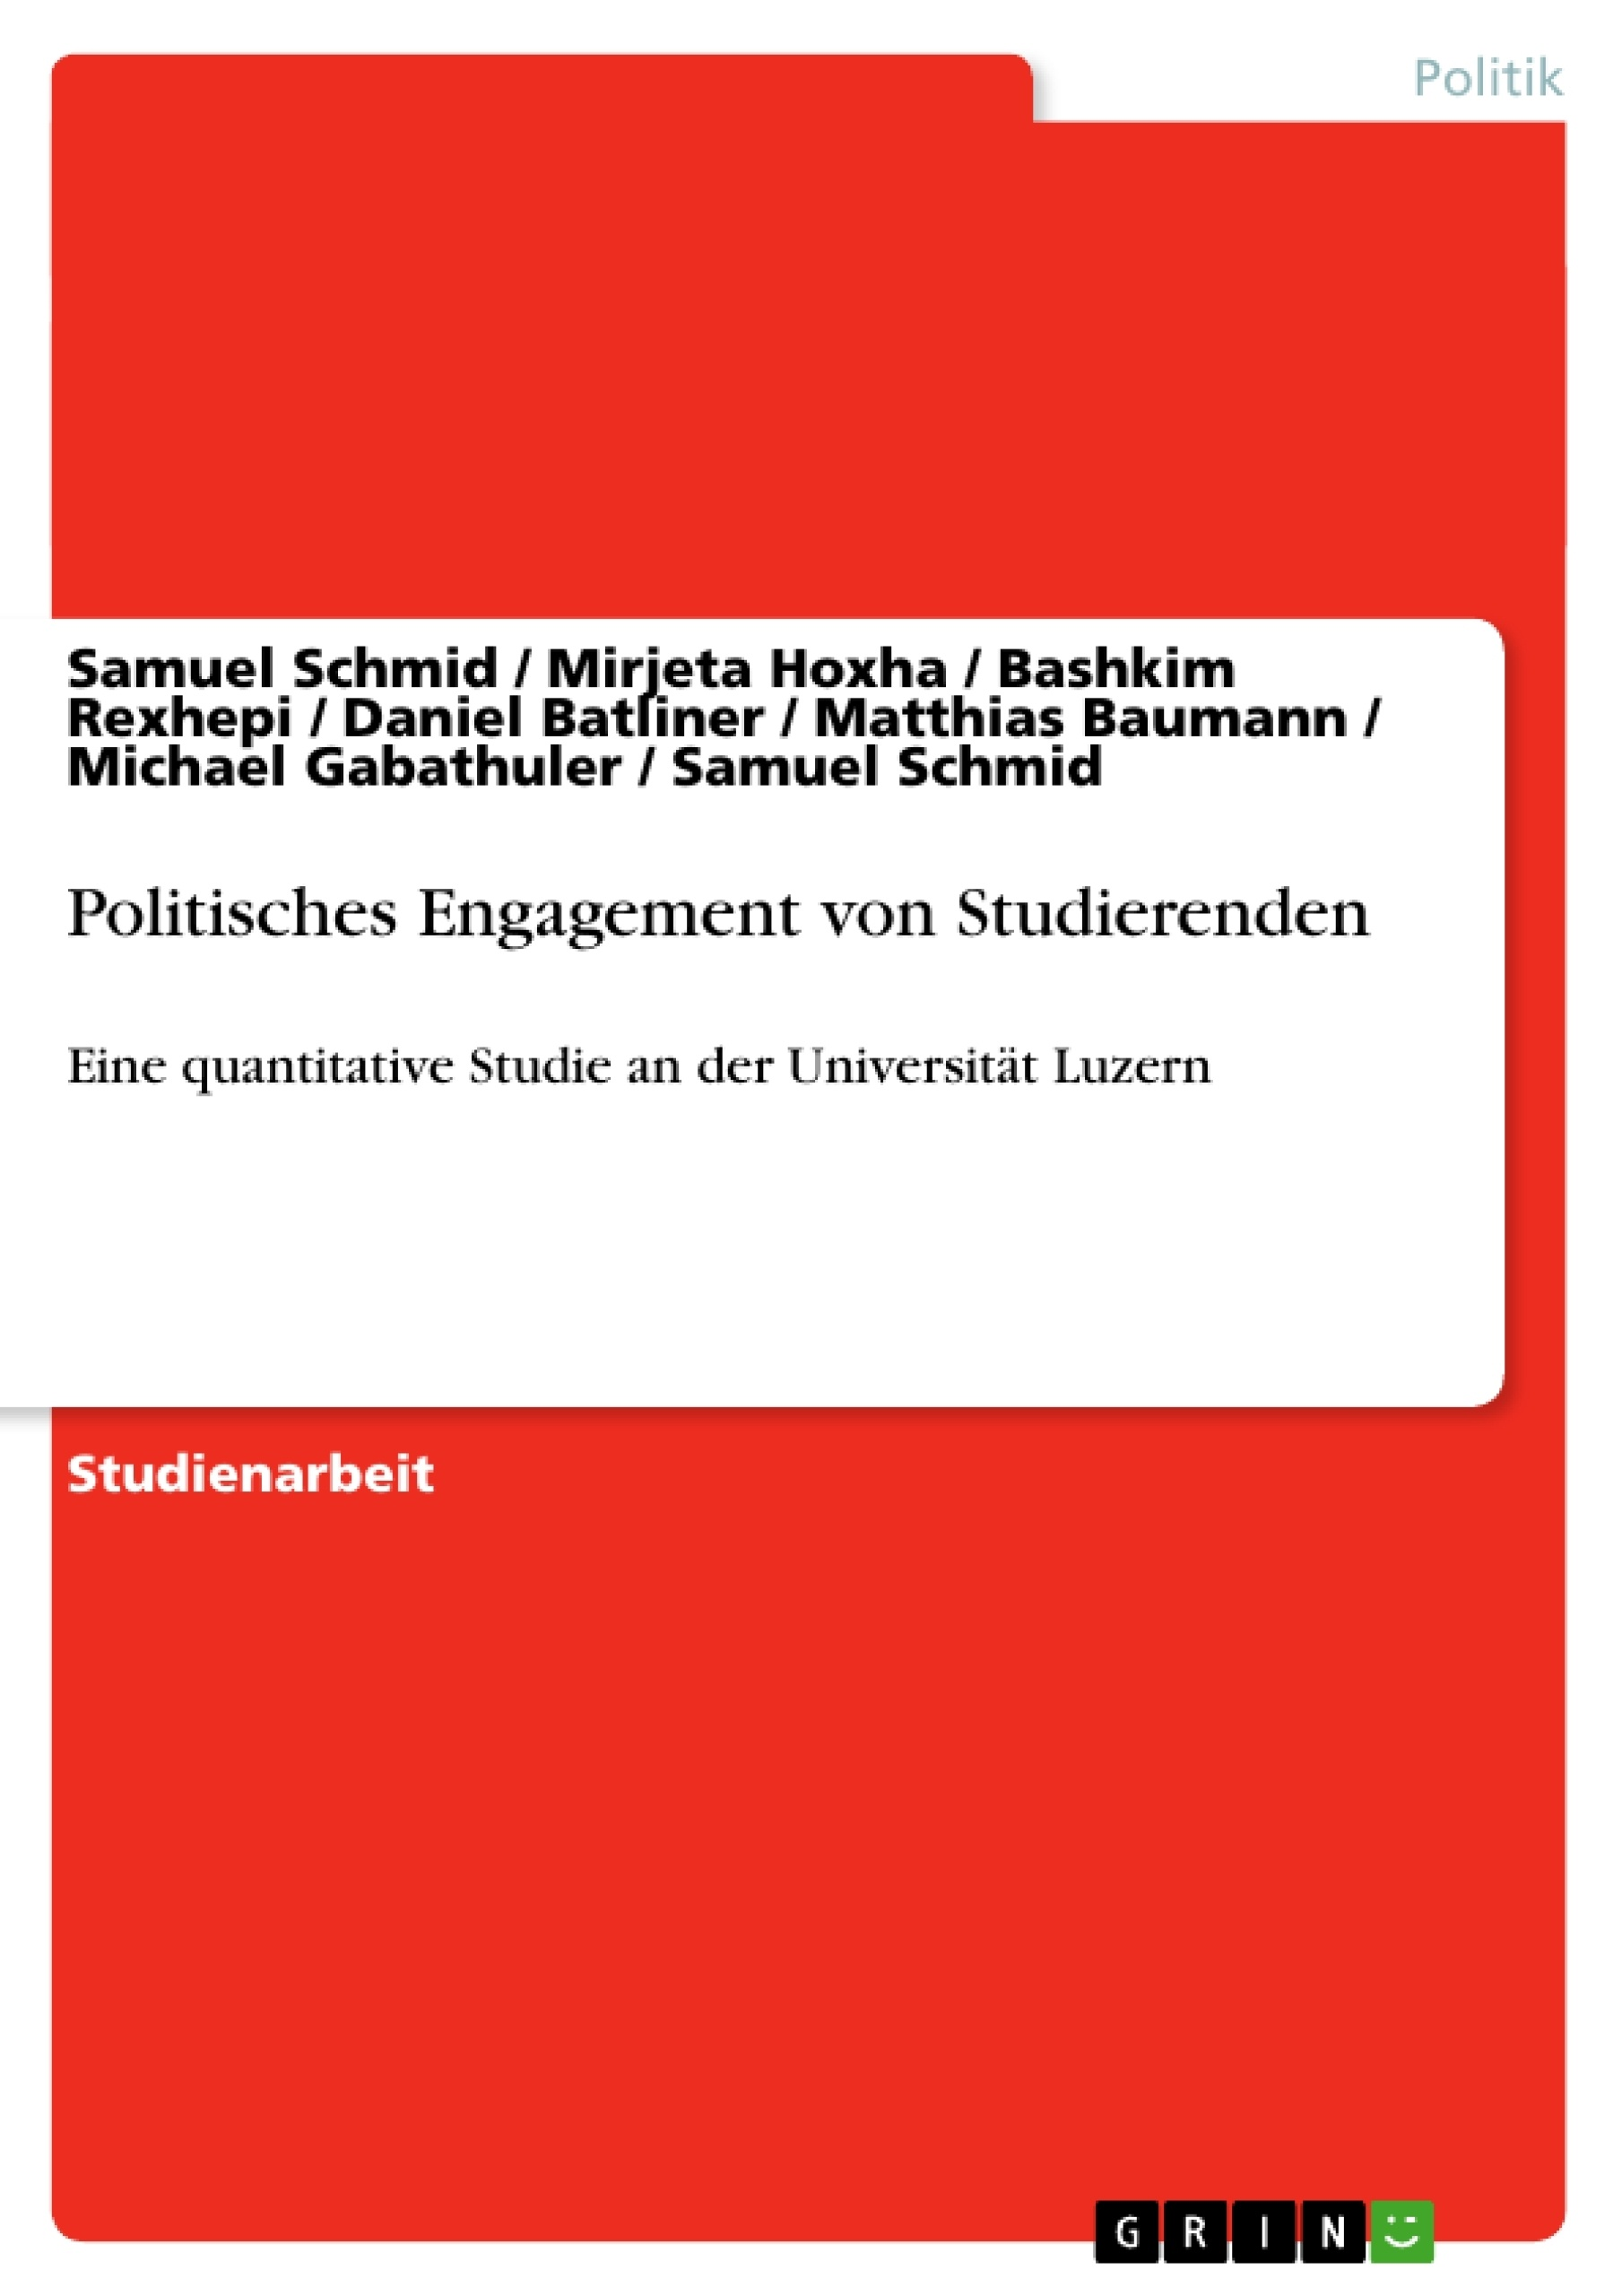 Titel: Politisches Engagement von Studierenden